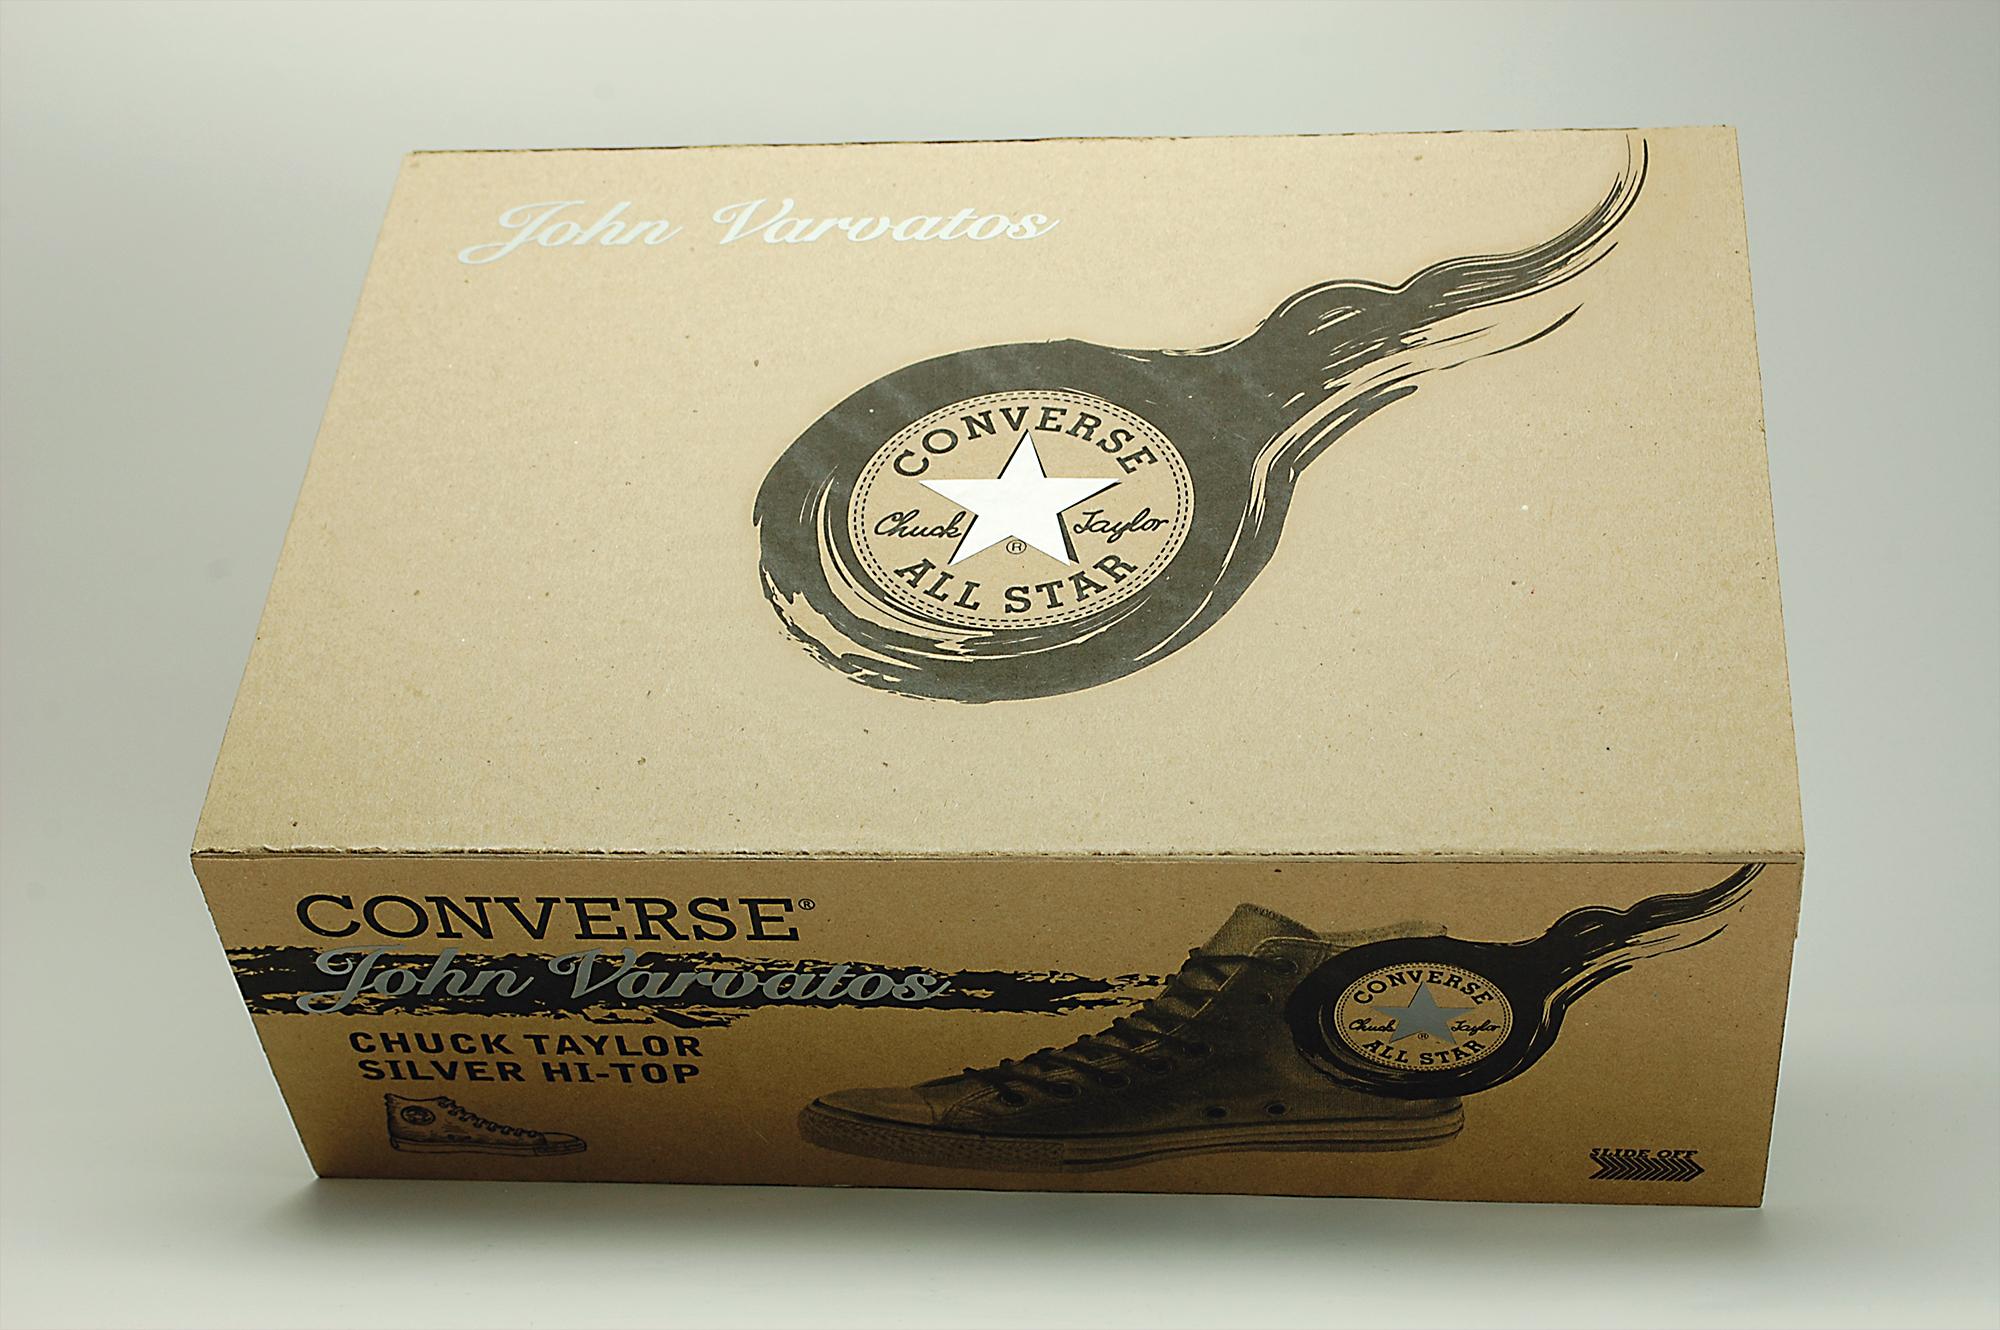 Converse Shoe Box - Photo 1